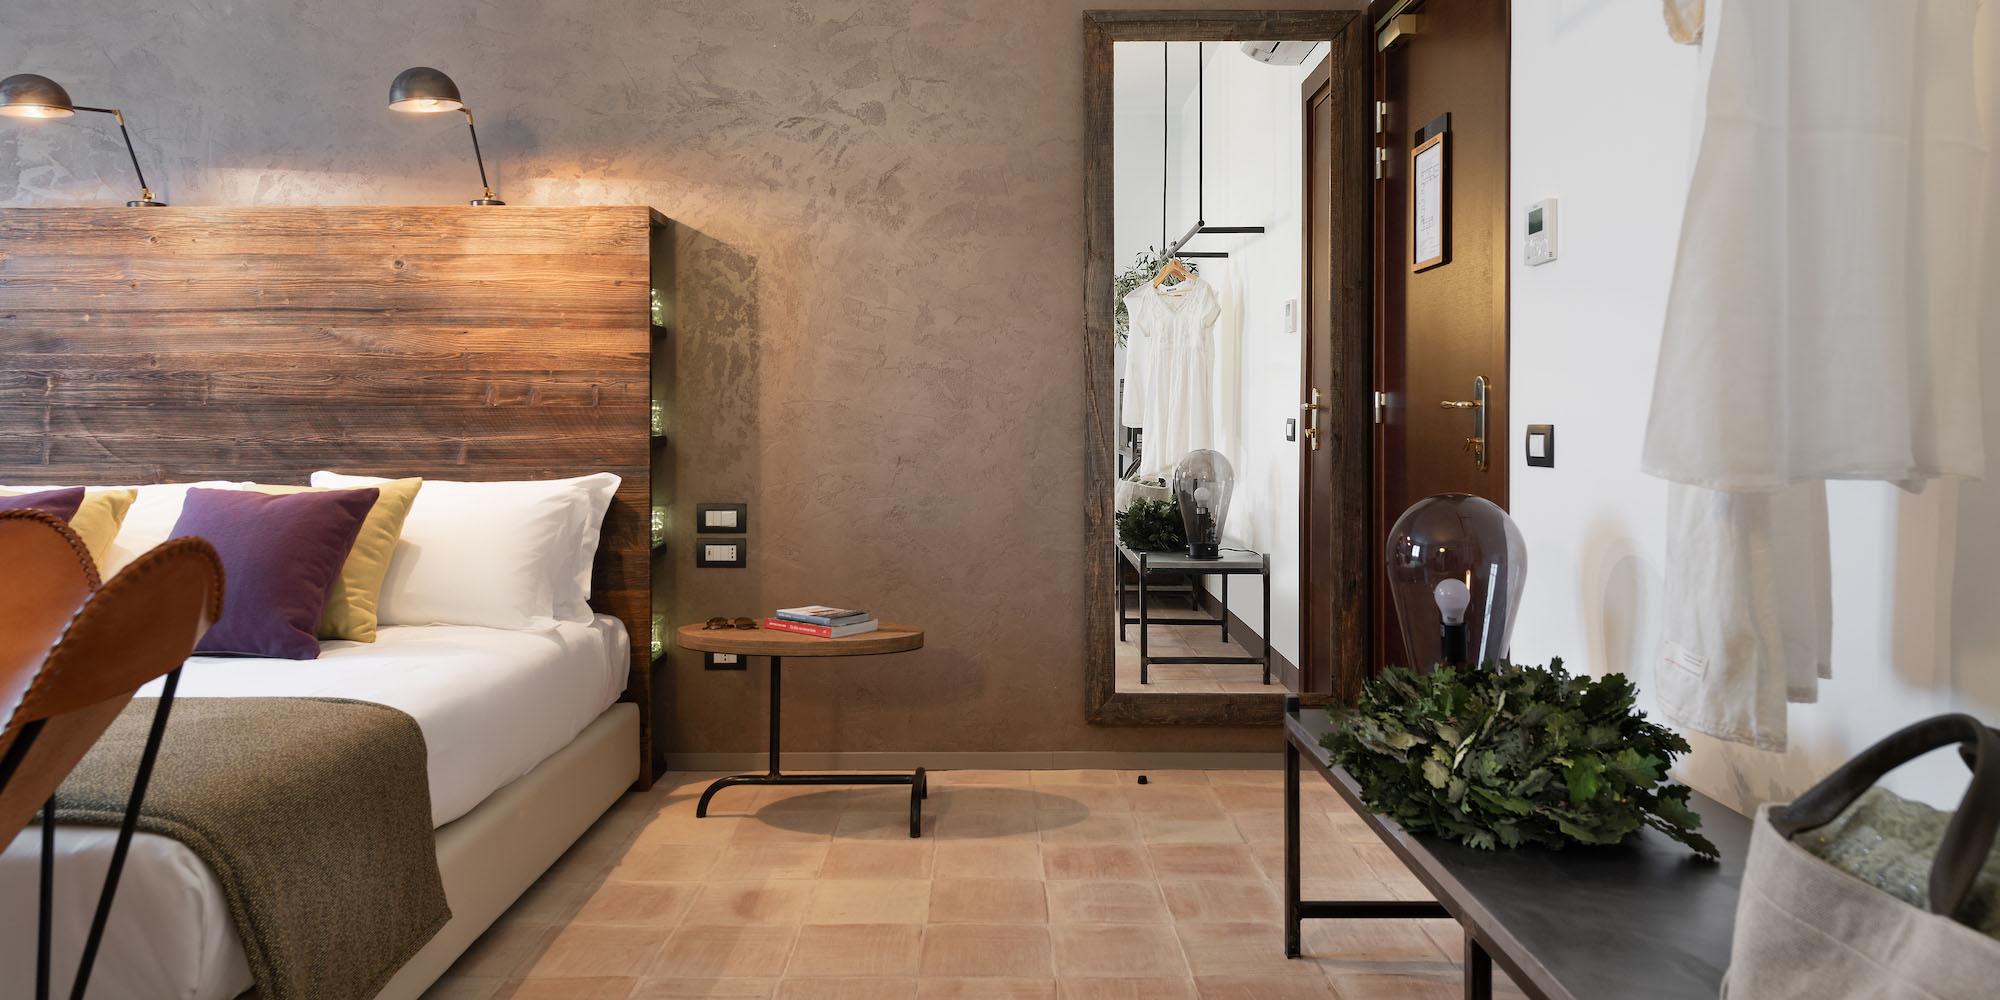 momentum resort: main bedroom